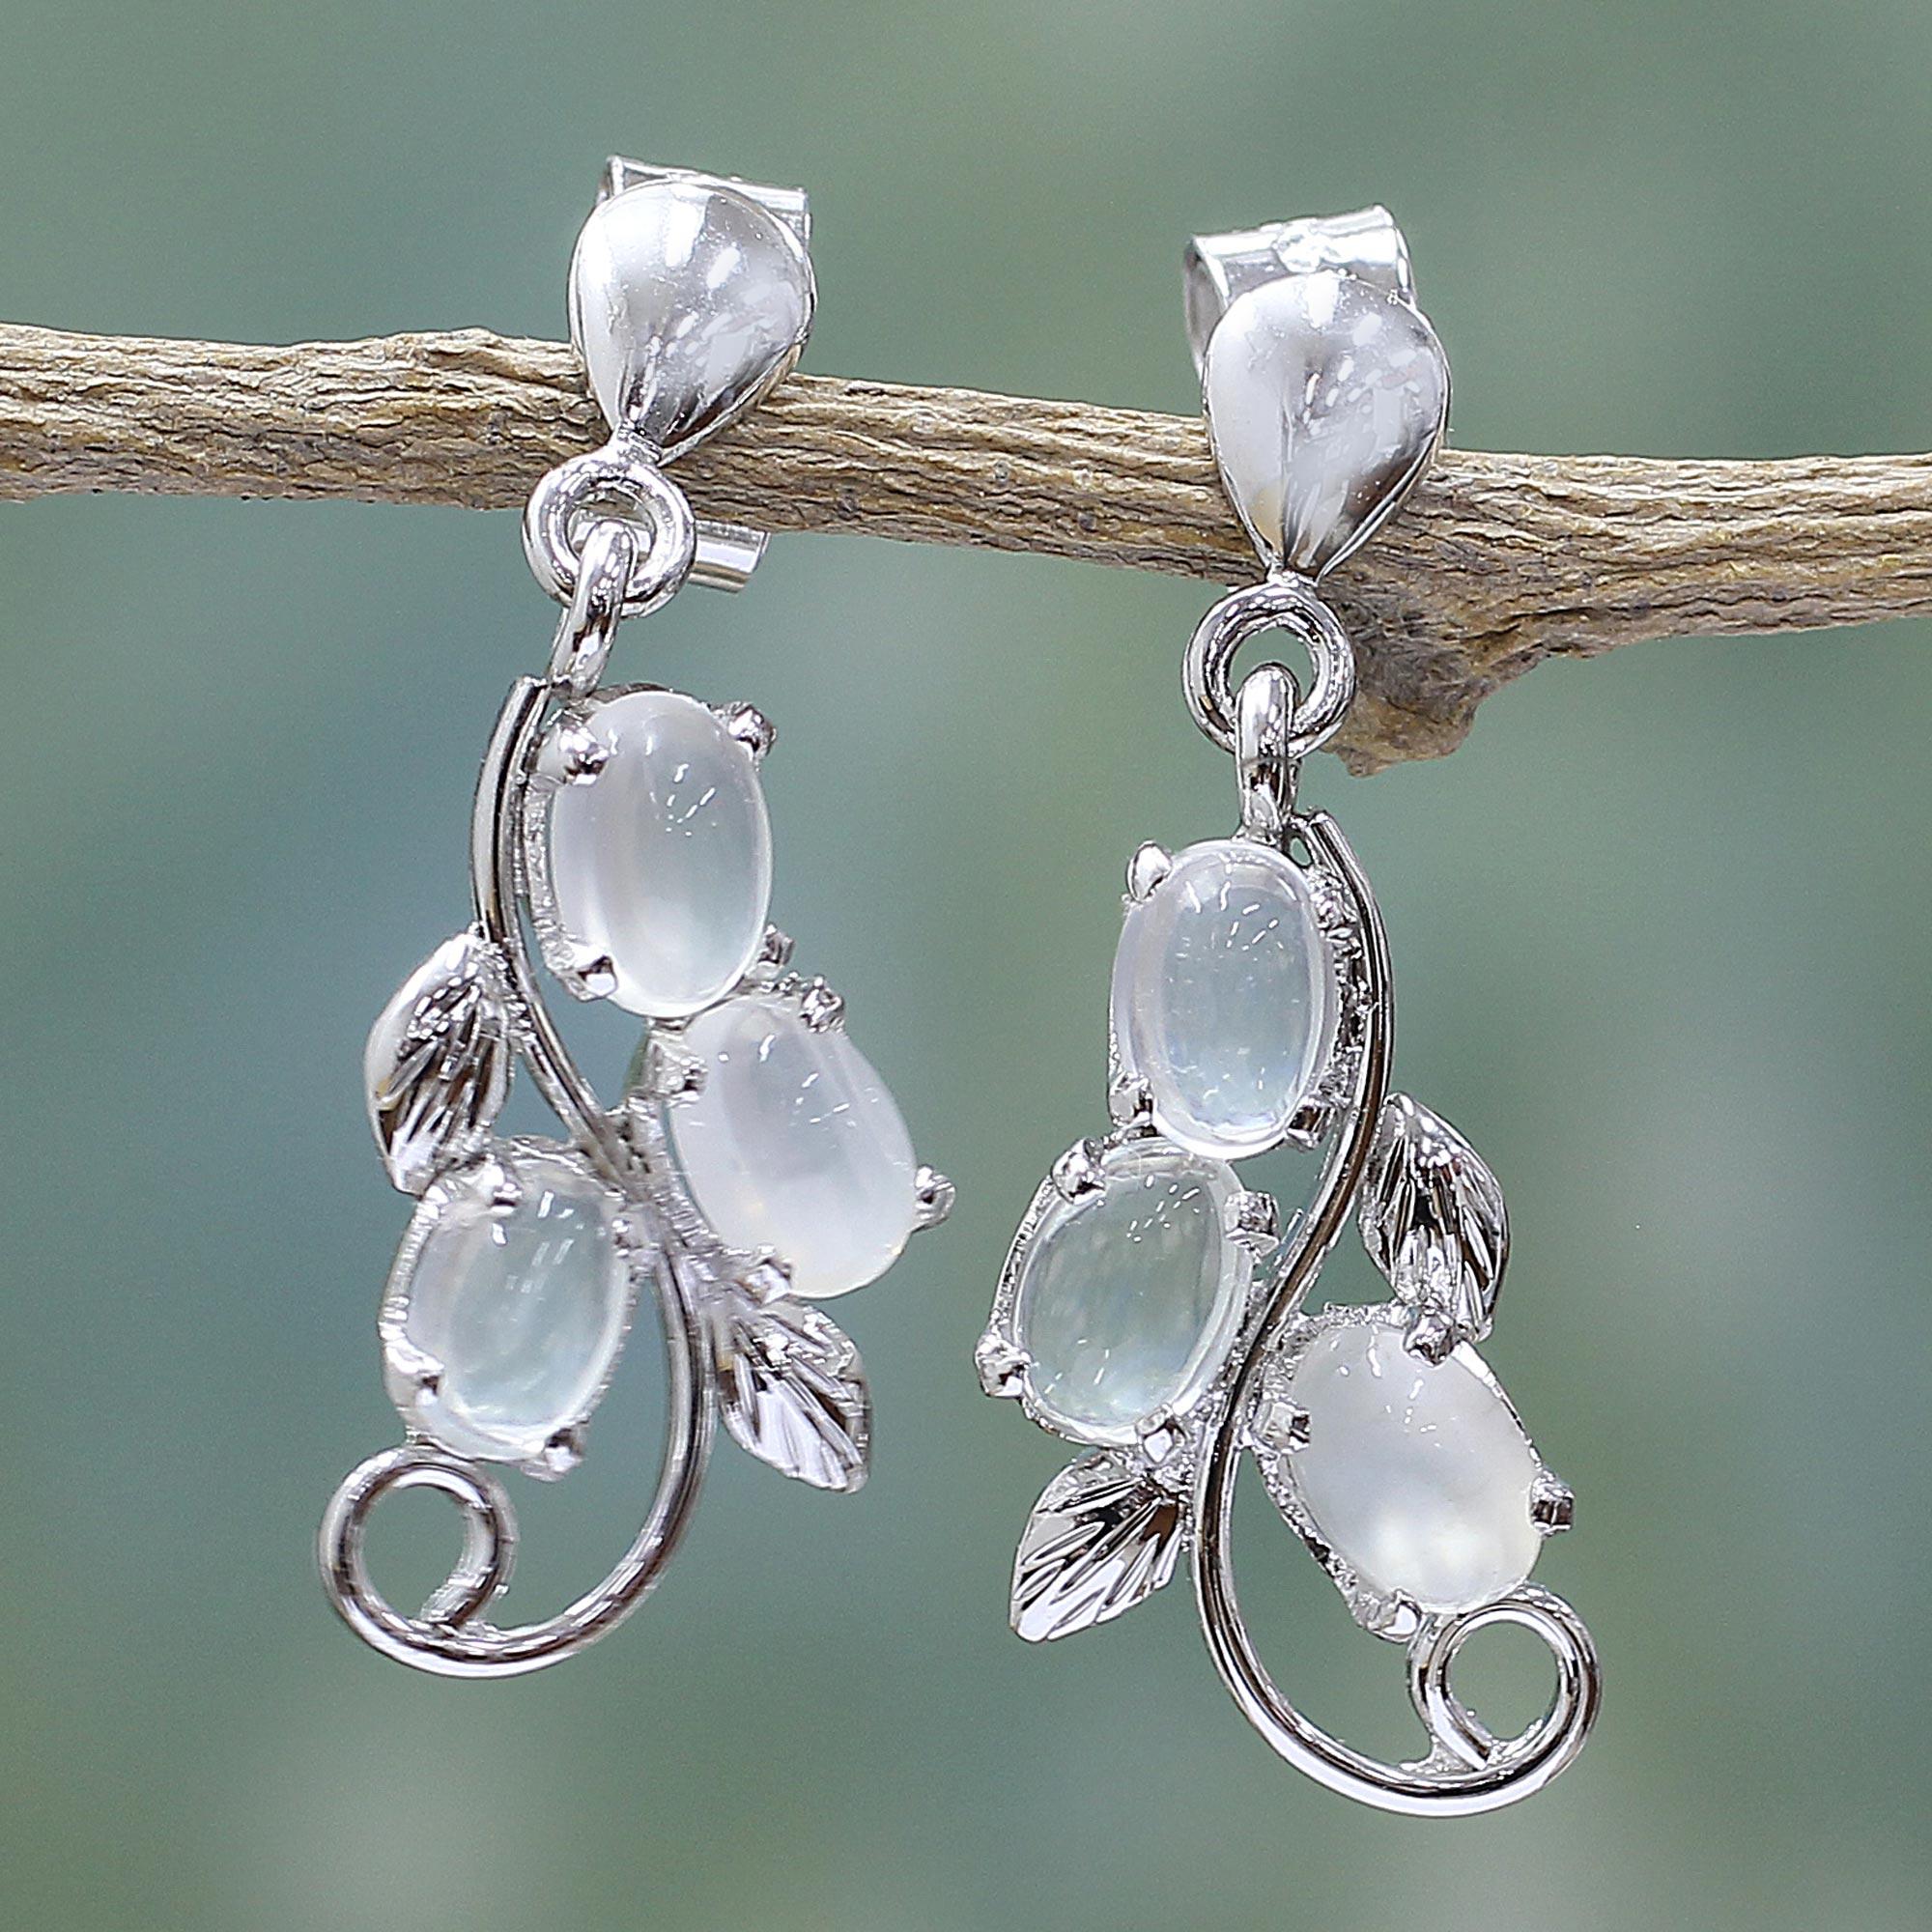 fbbccd8a65d47 Sterling Silver Earrings Moonstone Earrings Artisan Jewelry, 'Shining Cloud'